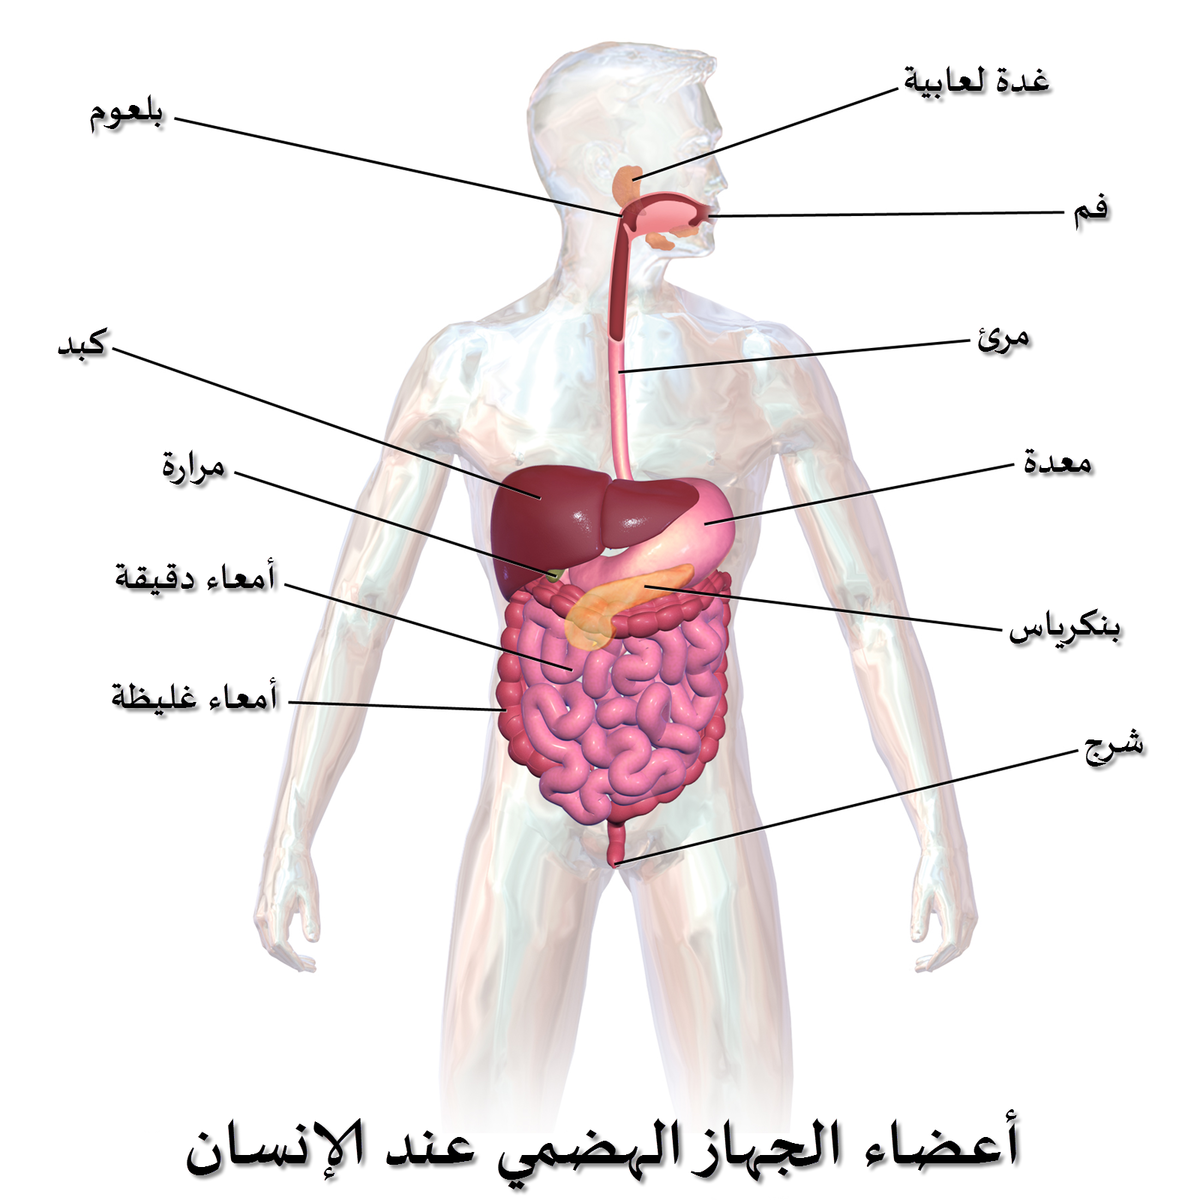 صور صور جسم الانسان , تعرف على معلومات عن جسم الانسان